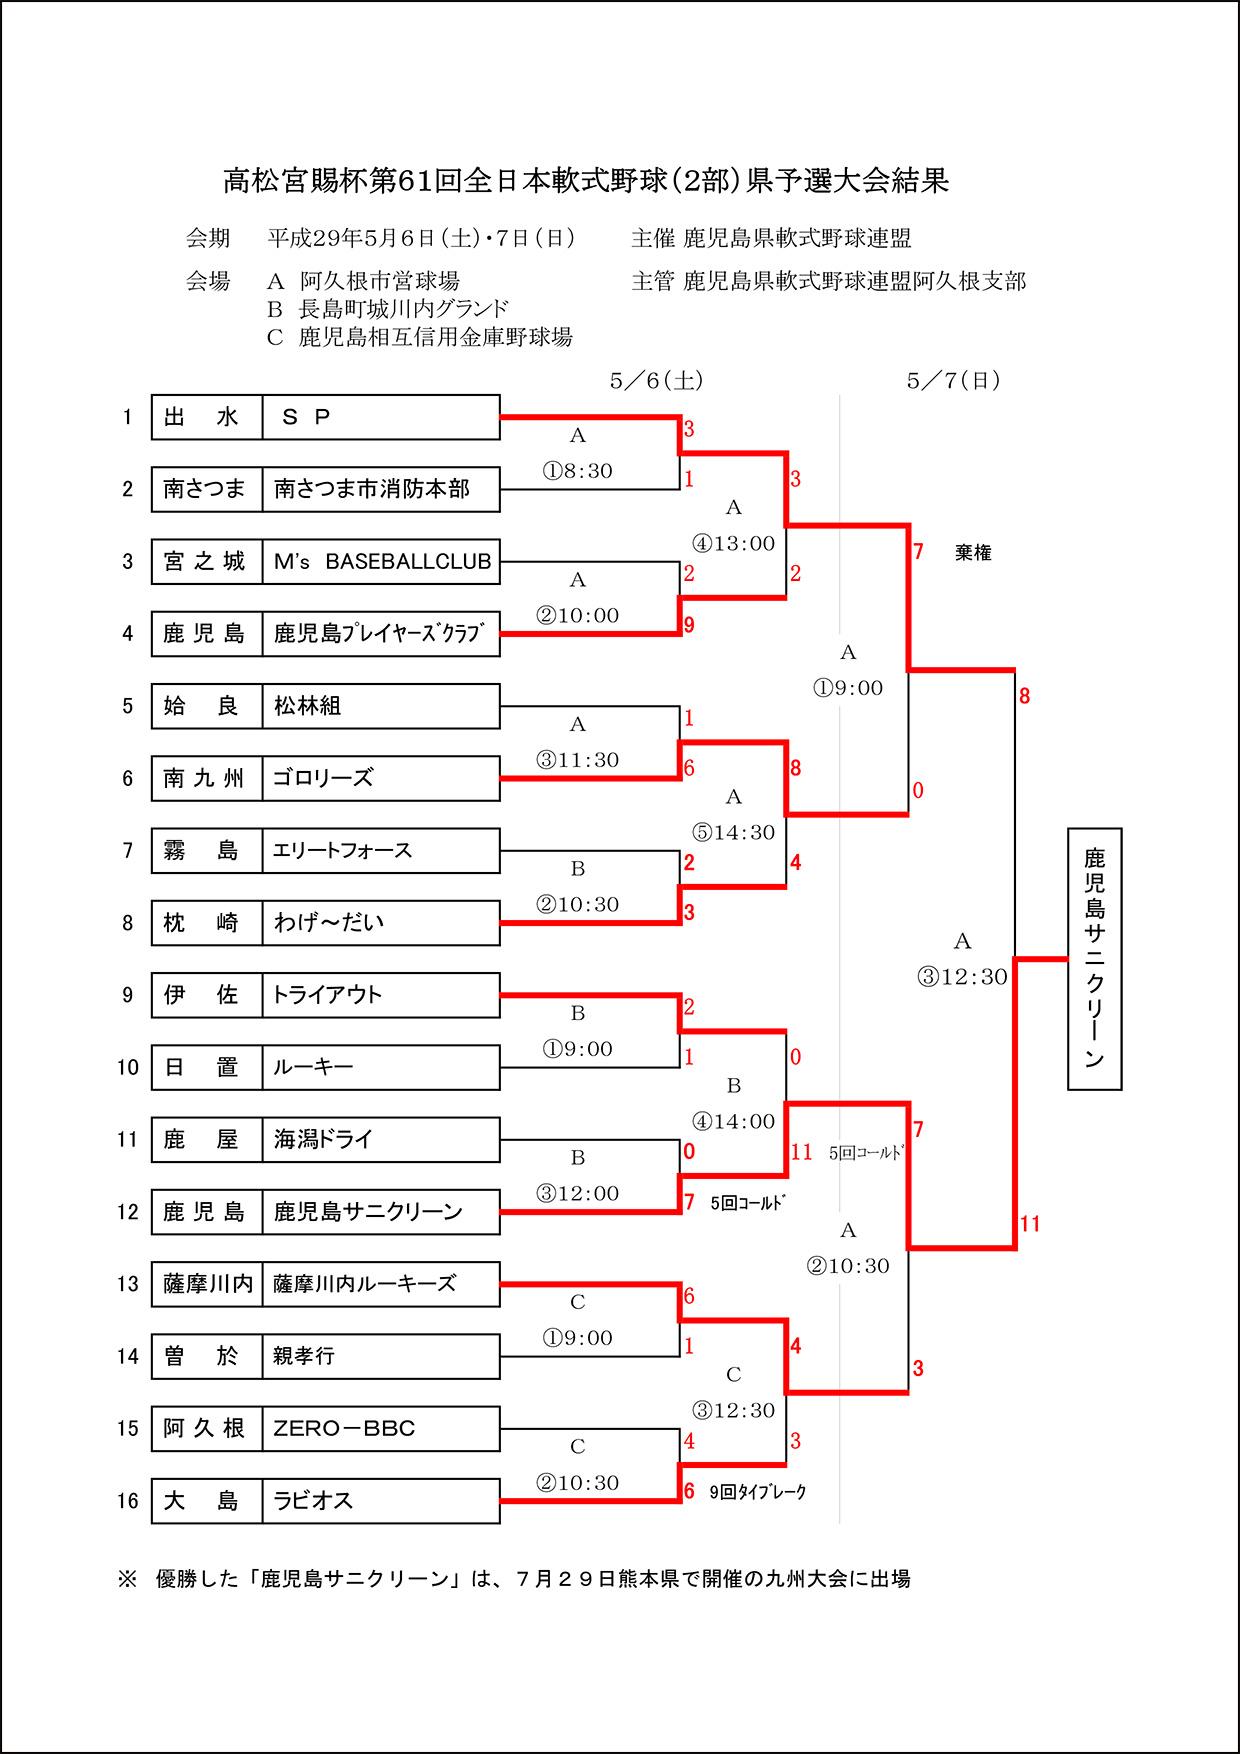 【結果】高松宮賜杯第61回全日本軟式野球(2部)県予選大会結果